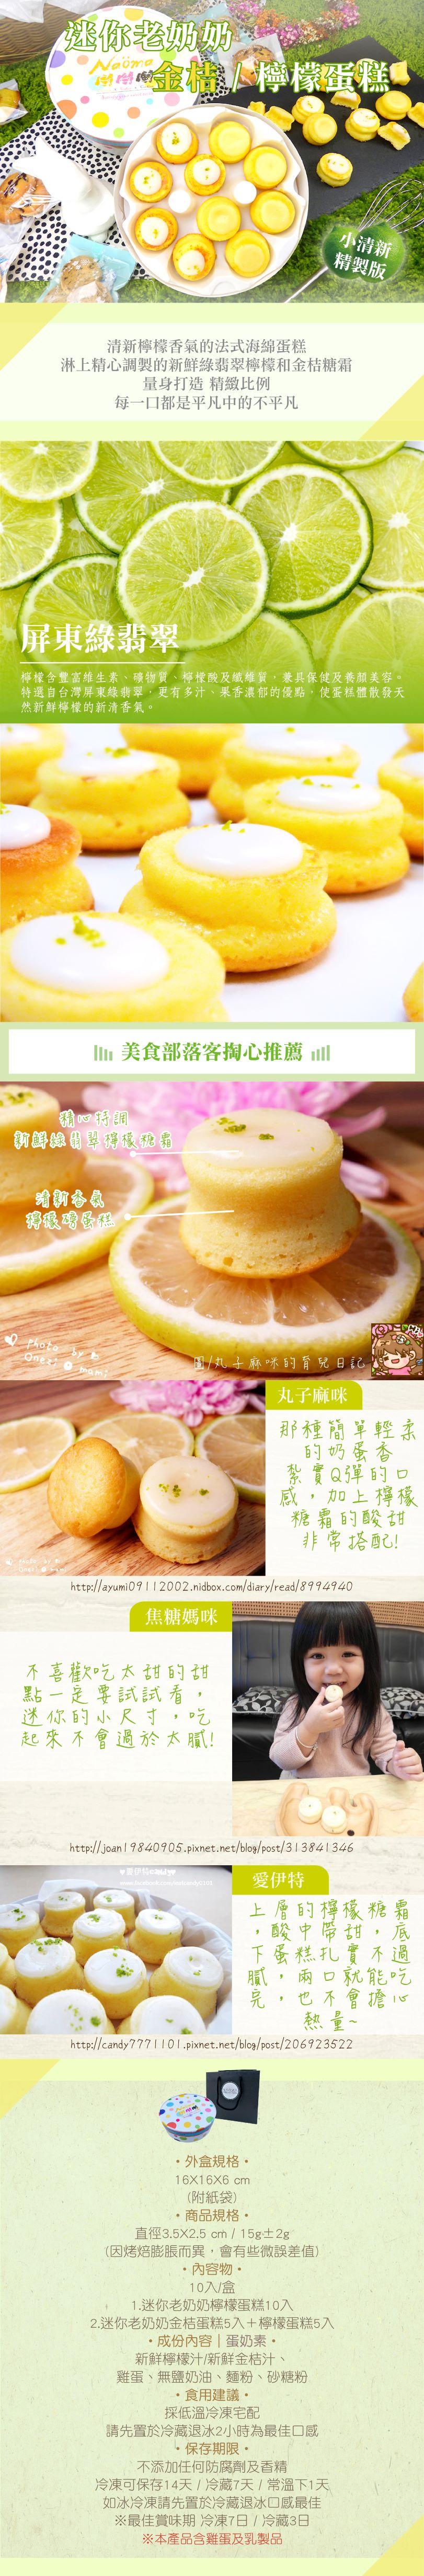 ez_老奶奶金桔檸檬蛋糕